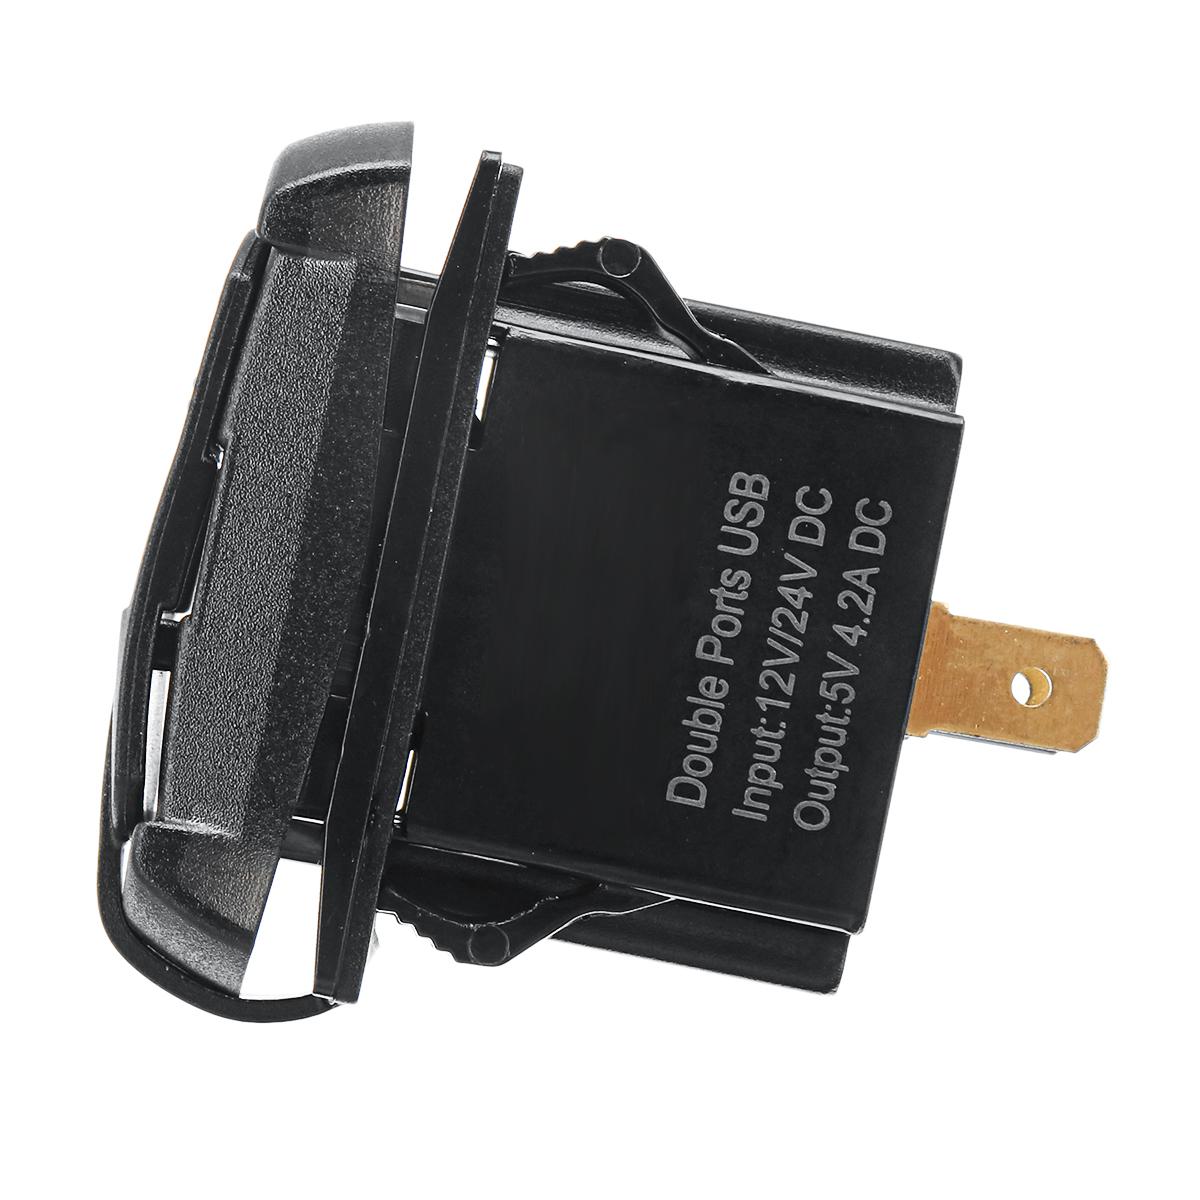 Зарядное устройство USB для Polaris UTV RZR RZR4 Ranger XP 1000 900 800 Crew 2015 2016 - фото 7